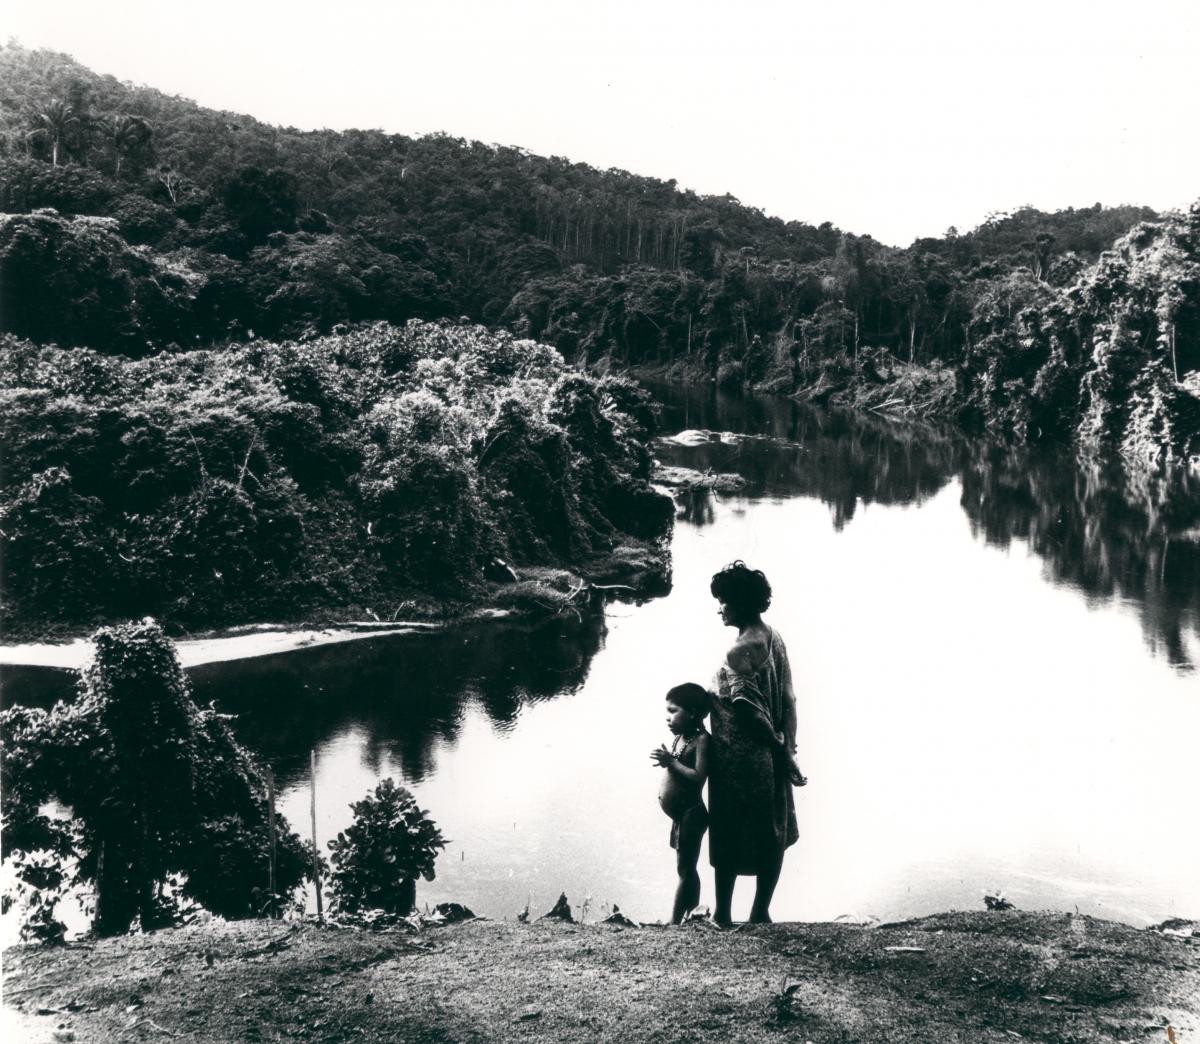 featured_image*Ata Kandó: Kilátás az Erebato folyóra, Yecuana, 1961/62*Filmvetítés és beszélgetés - kísérőprogram az Ata meséi című kiállításhoz*Filmvetítés és beszélgetés - kísérőprogram az Ata meséi című kiállításhoz*Filmvetítés és beszélgetés - kísérőprogram az Ata meséi című kiállításhoz*Filmvetítés és beszélgetés - kísérőprogram az Ata meséi című kiállításhoz*Filmvetítés és beszélgetés - kísérőprogram az Ata meséi című kiállításhoz*Filmvetítés és beszélgetés - kísérőprogram az Ata meséi című kiállításhoz*Filmvetítés és beszélgetés - kísérőprogram az Ata meséi című kiállításhoz